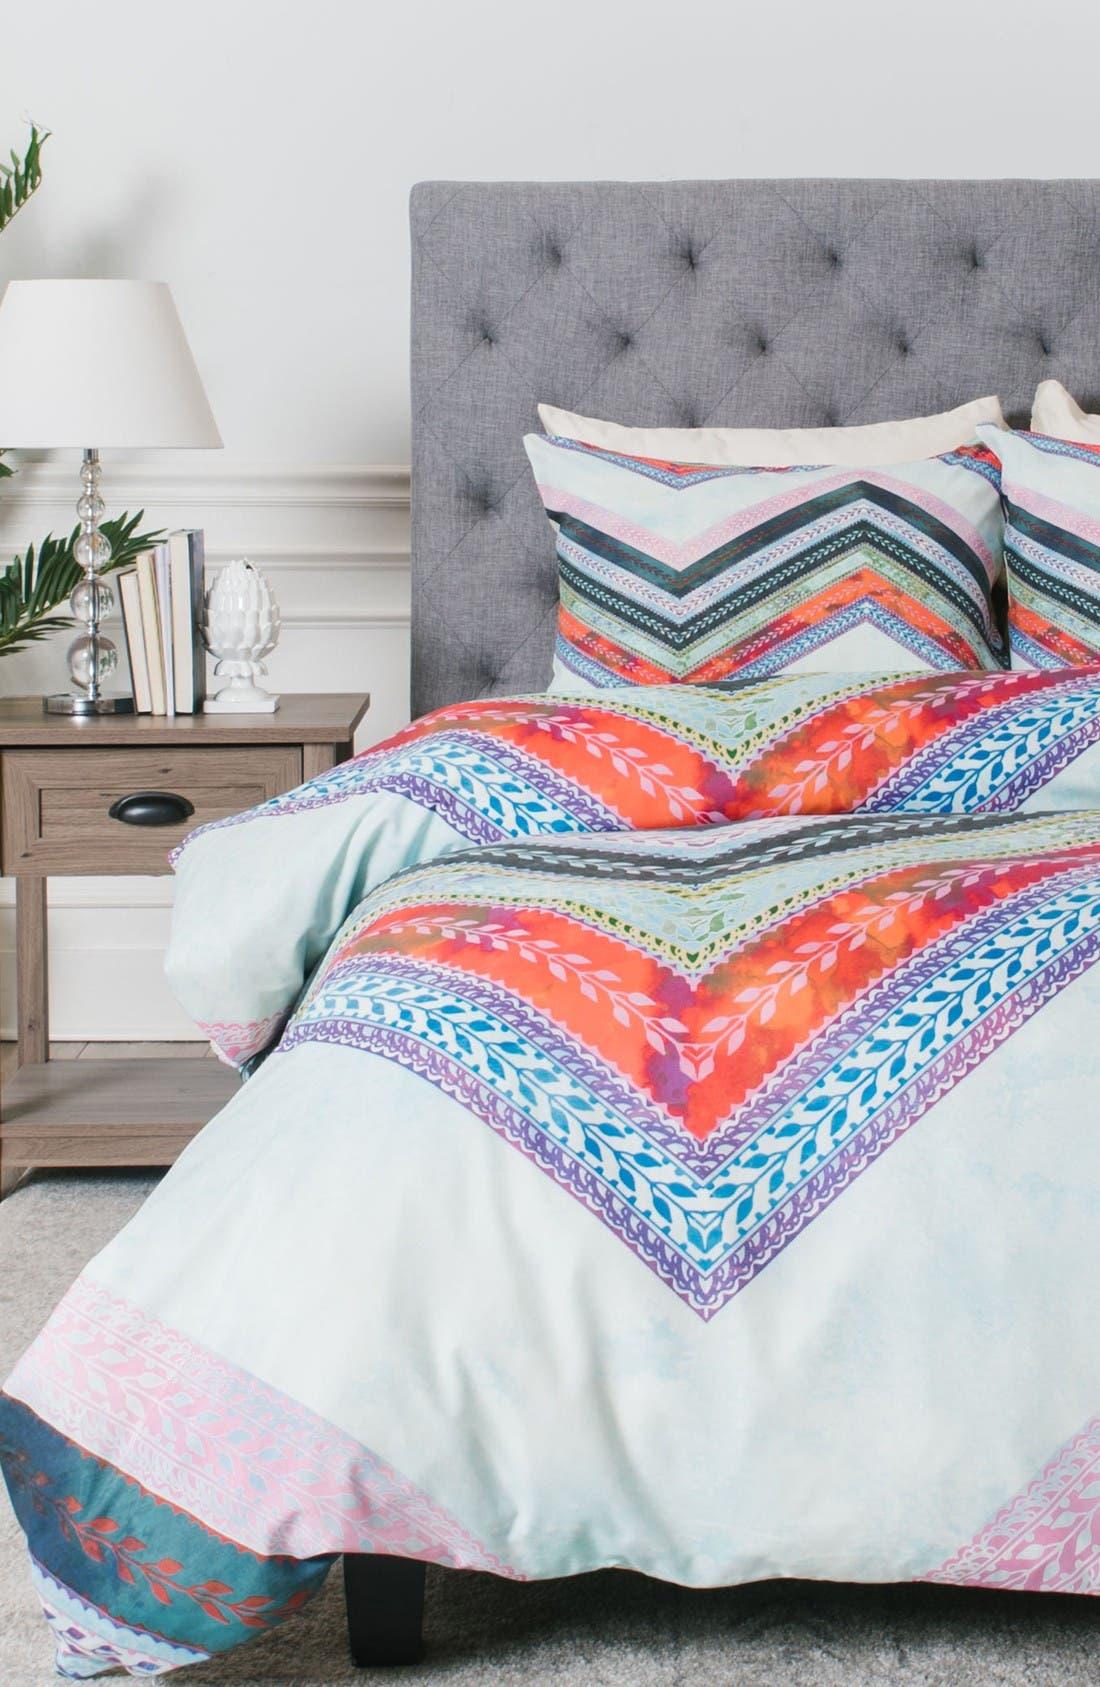 deny designs duvet cover bedding  nordstrom  nordstrom -